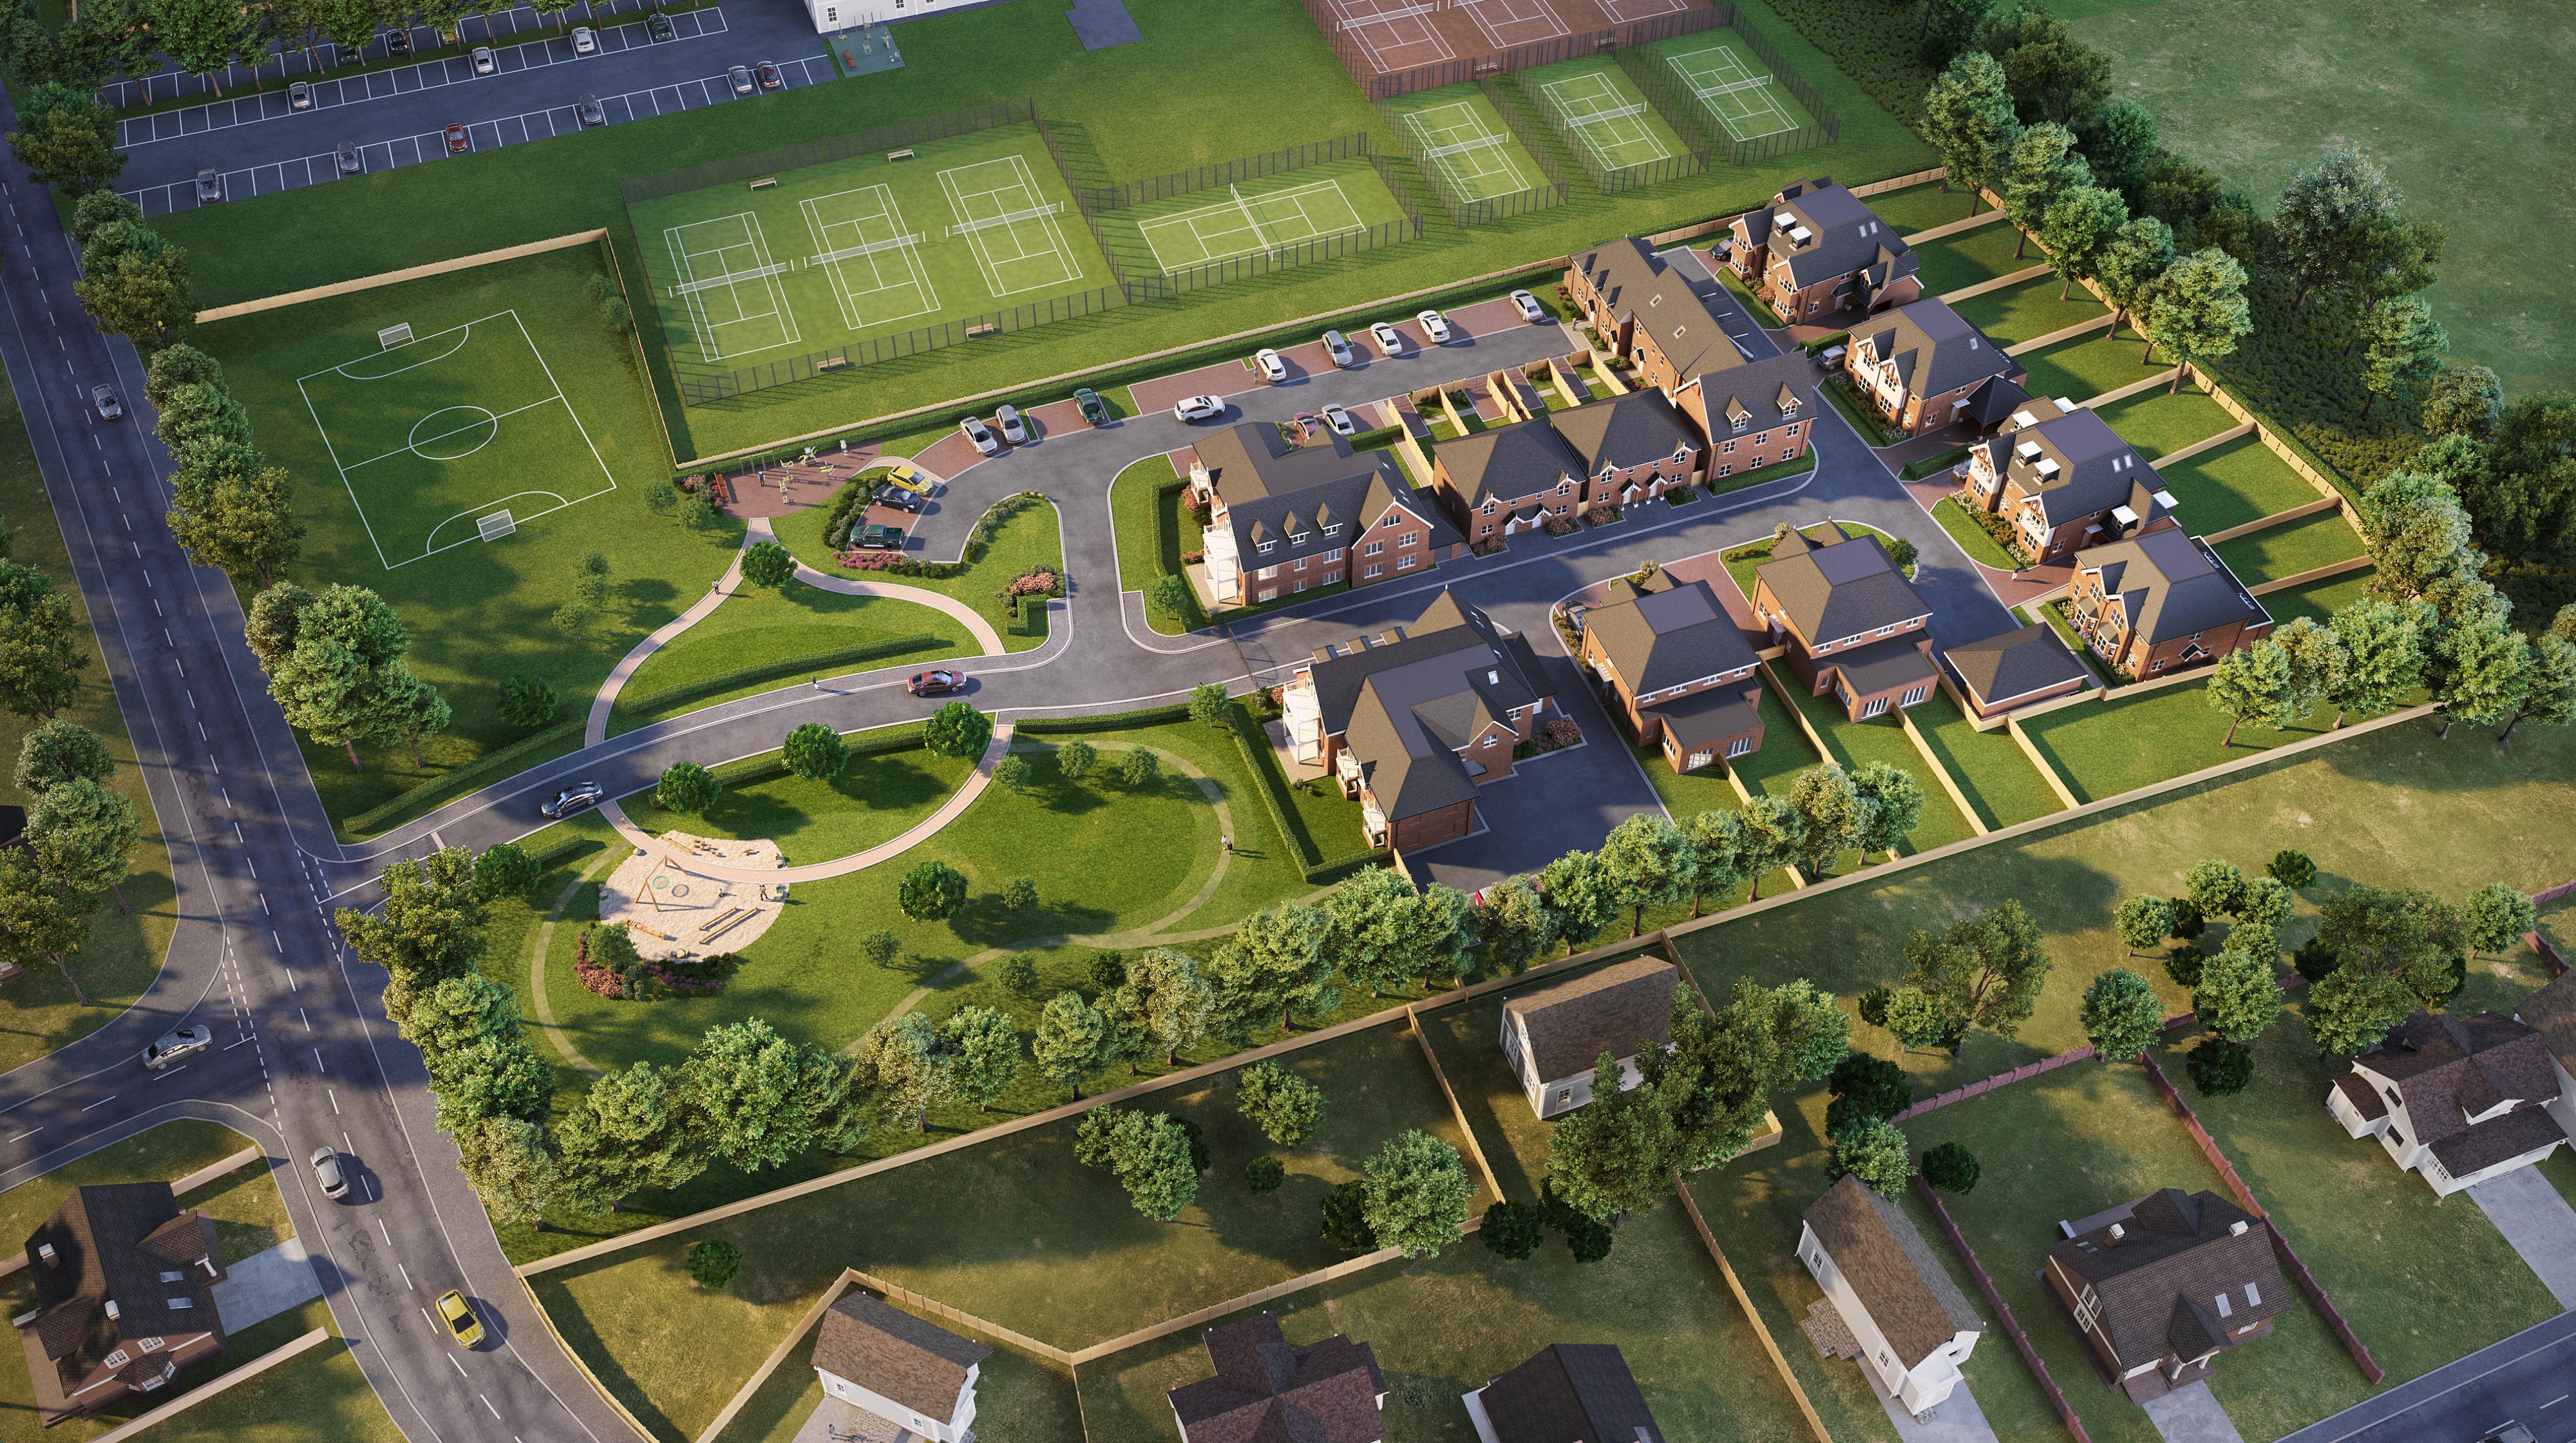 Hurst_Lane_aerial